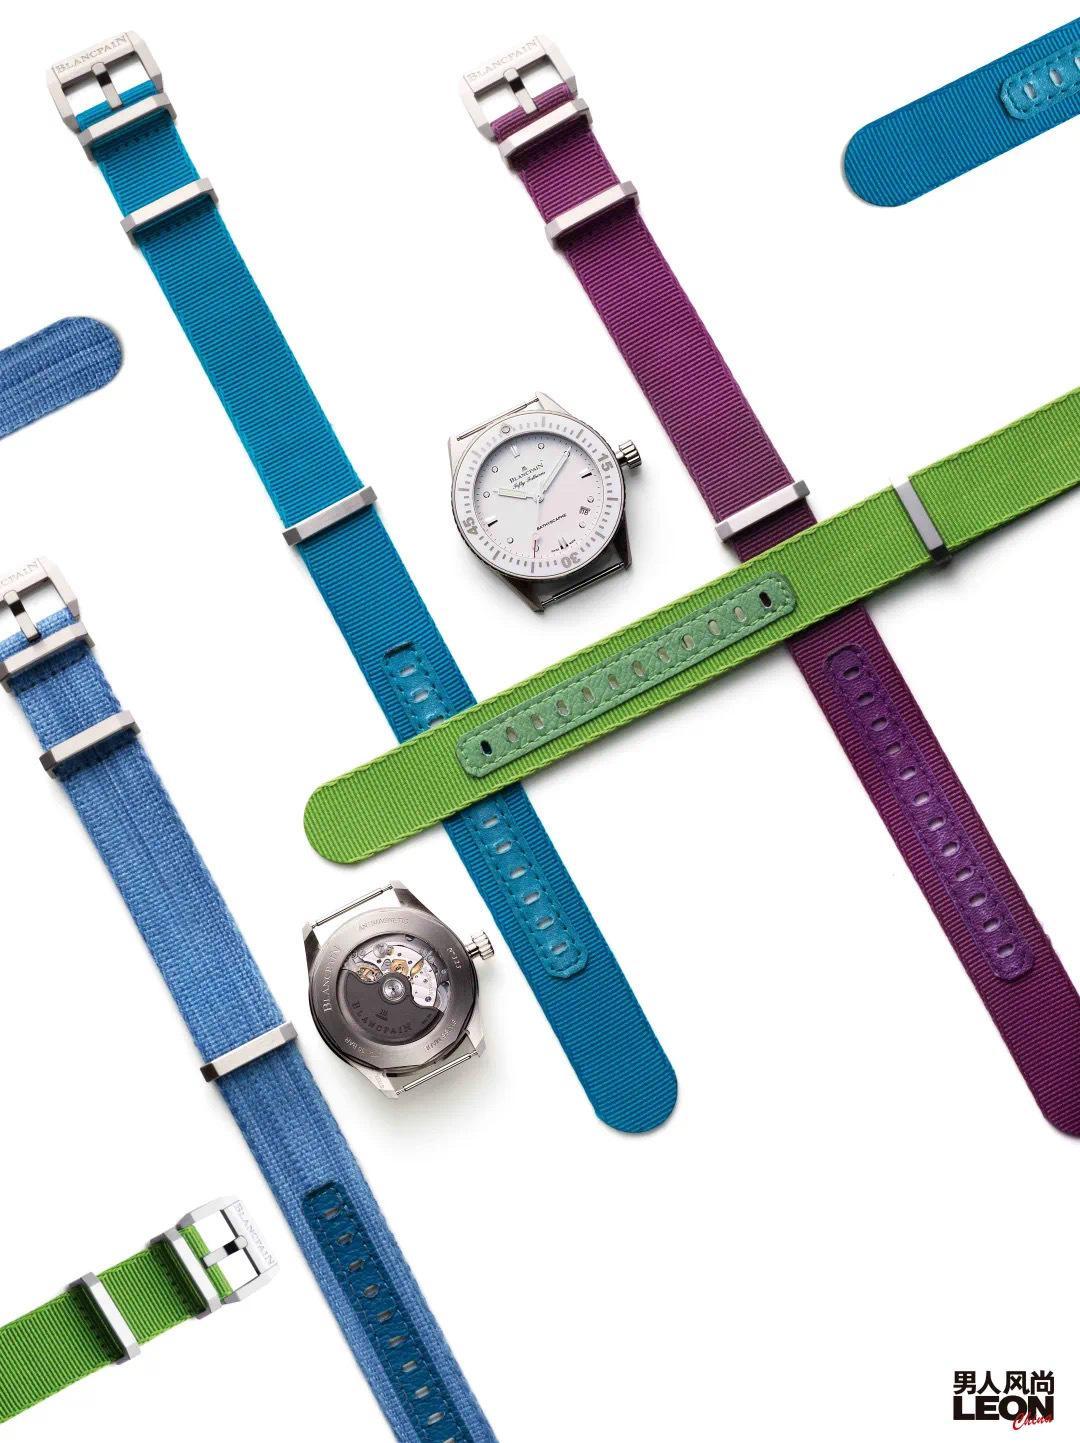 倘若把腕表表盘比作颜值,表壳比作身材,那么表带则好似服饰……